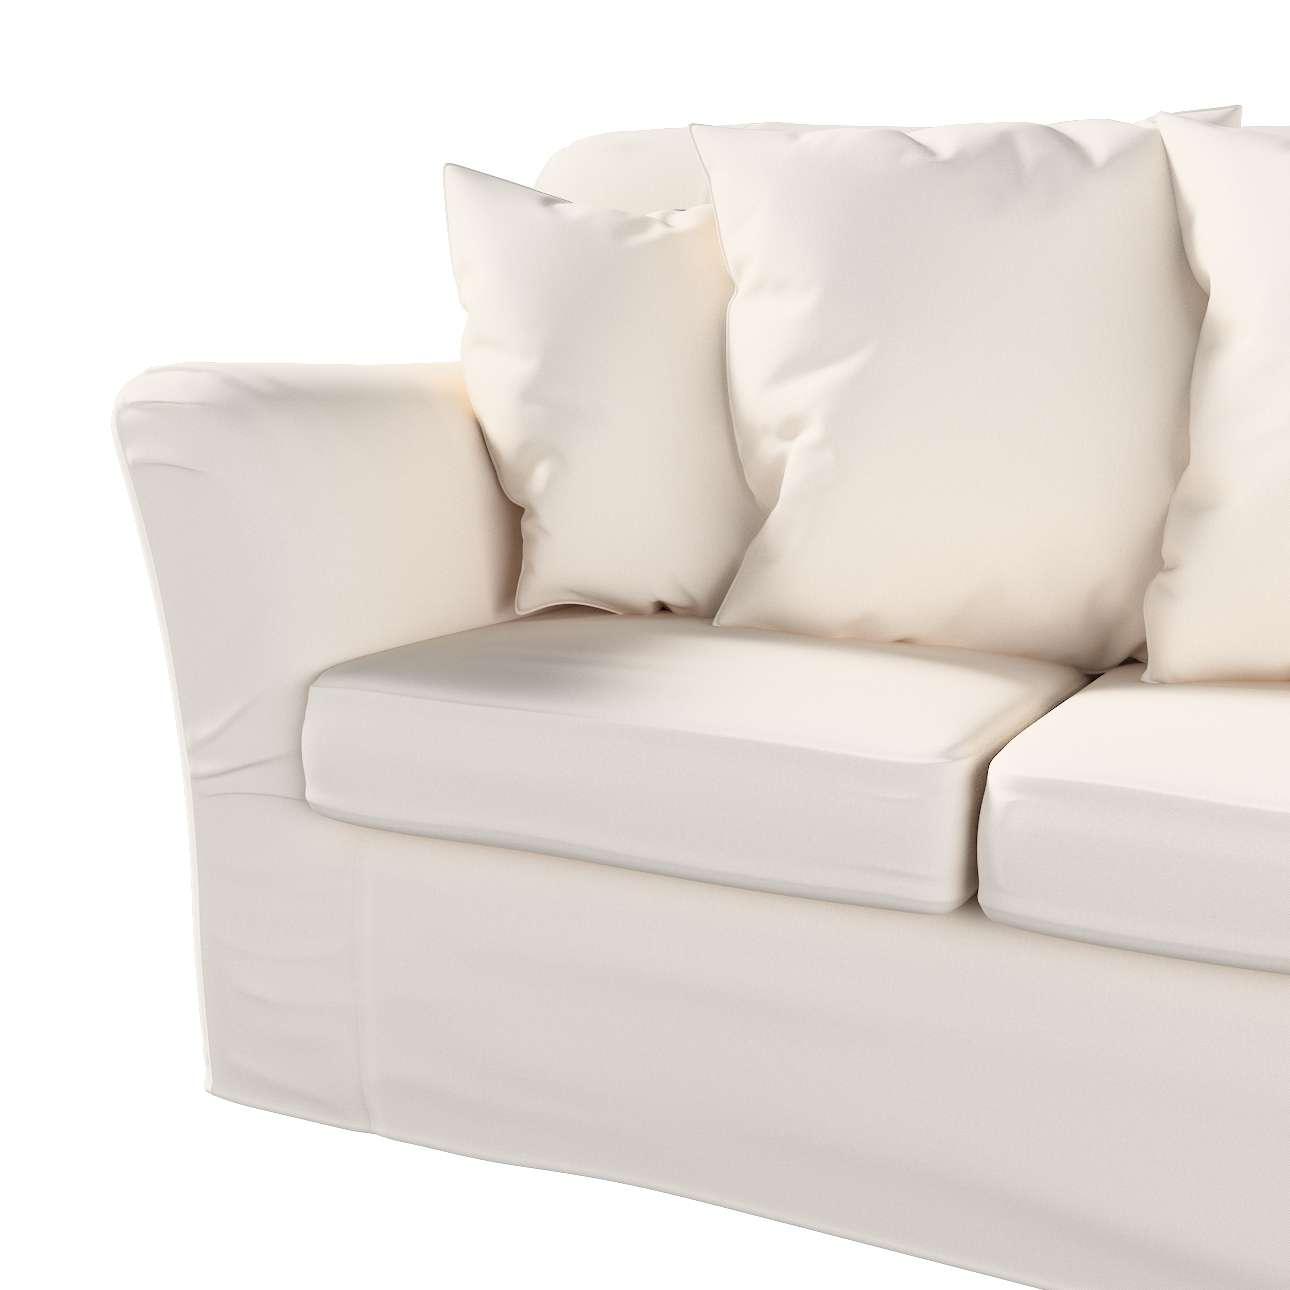 Pokrowiec na sofę Tomelilla 3-osobową nierozkładaną w kolekcji Etna, tkanina: 705-01